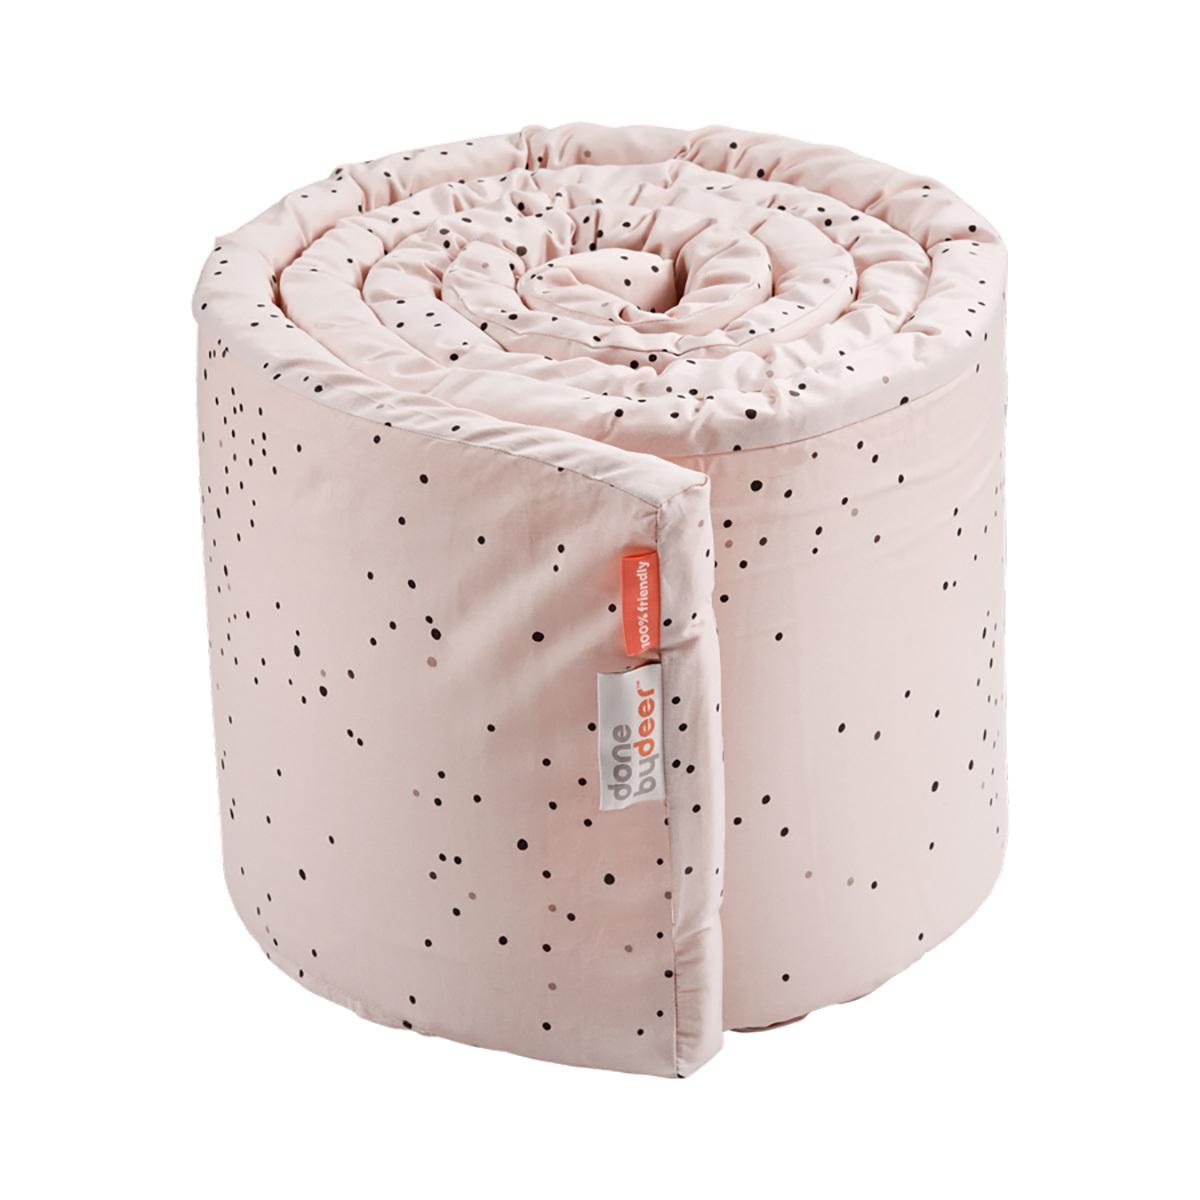 Linge de lit Tour de Lit Dreamy Dots - Rose Poudré Tour de Lit Dreamy Dots - Rose Poudré